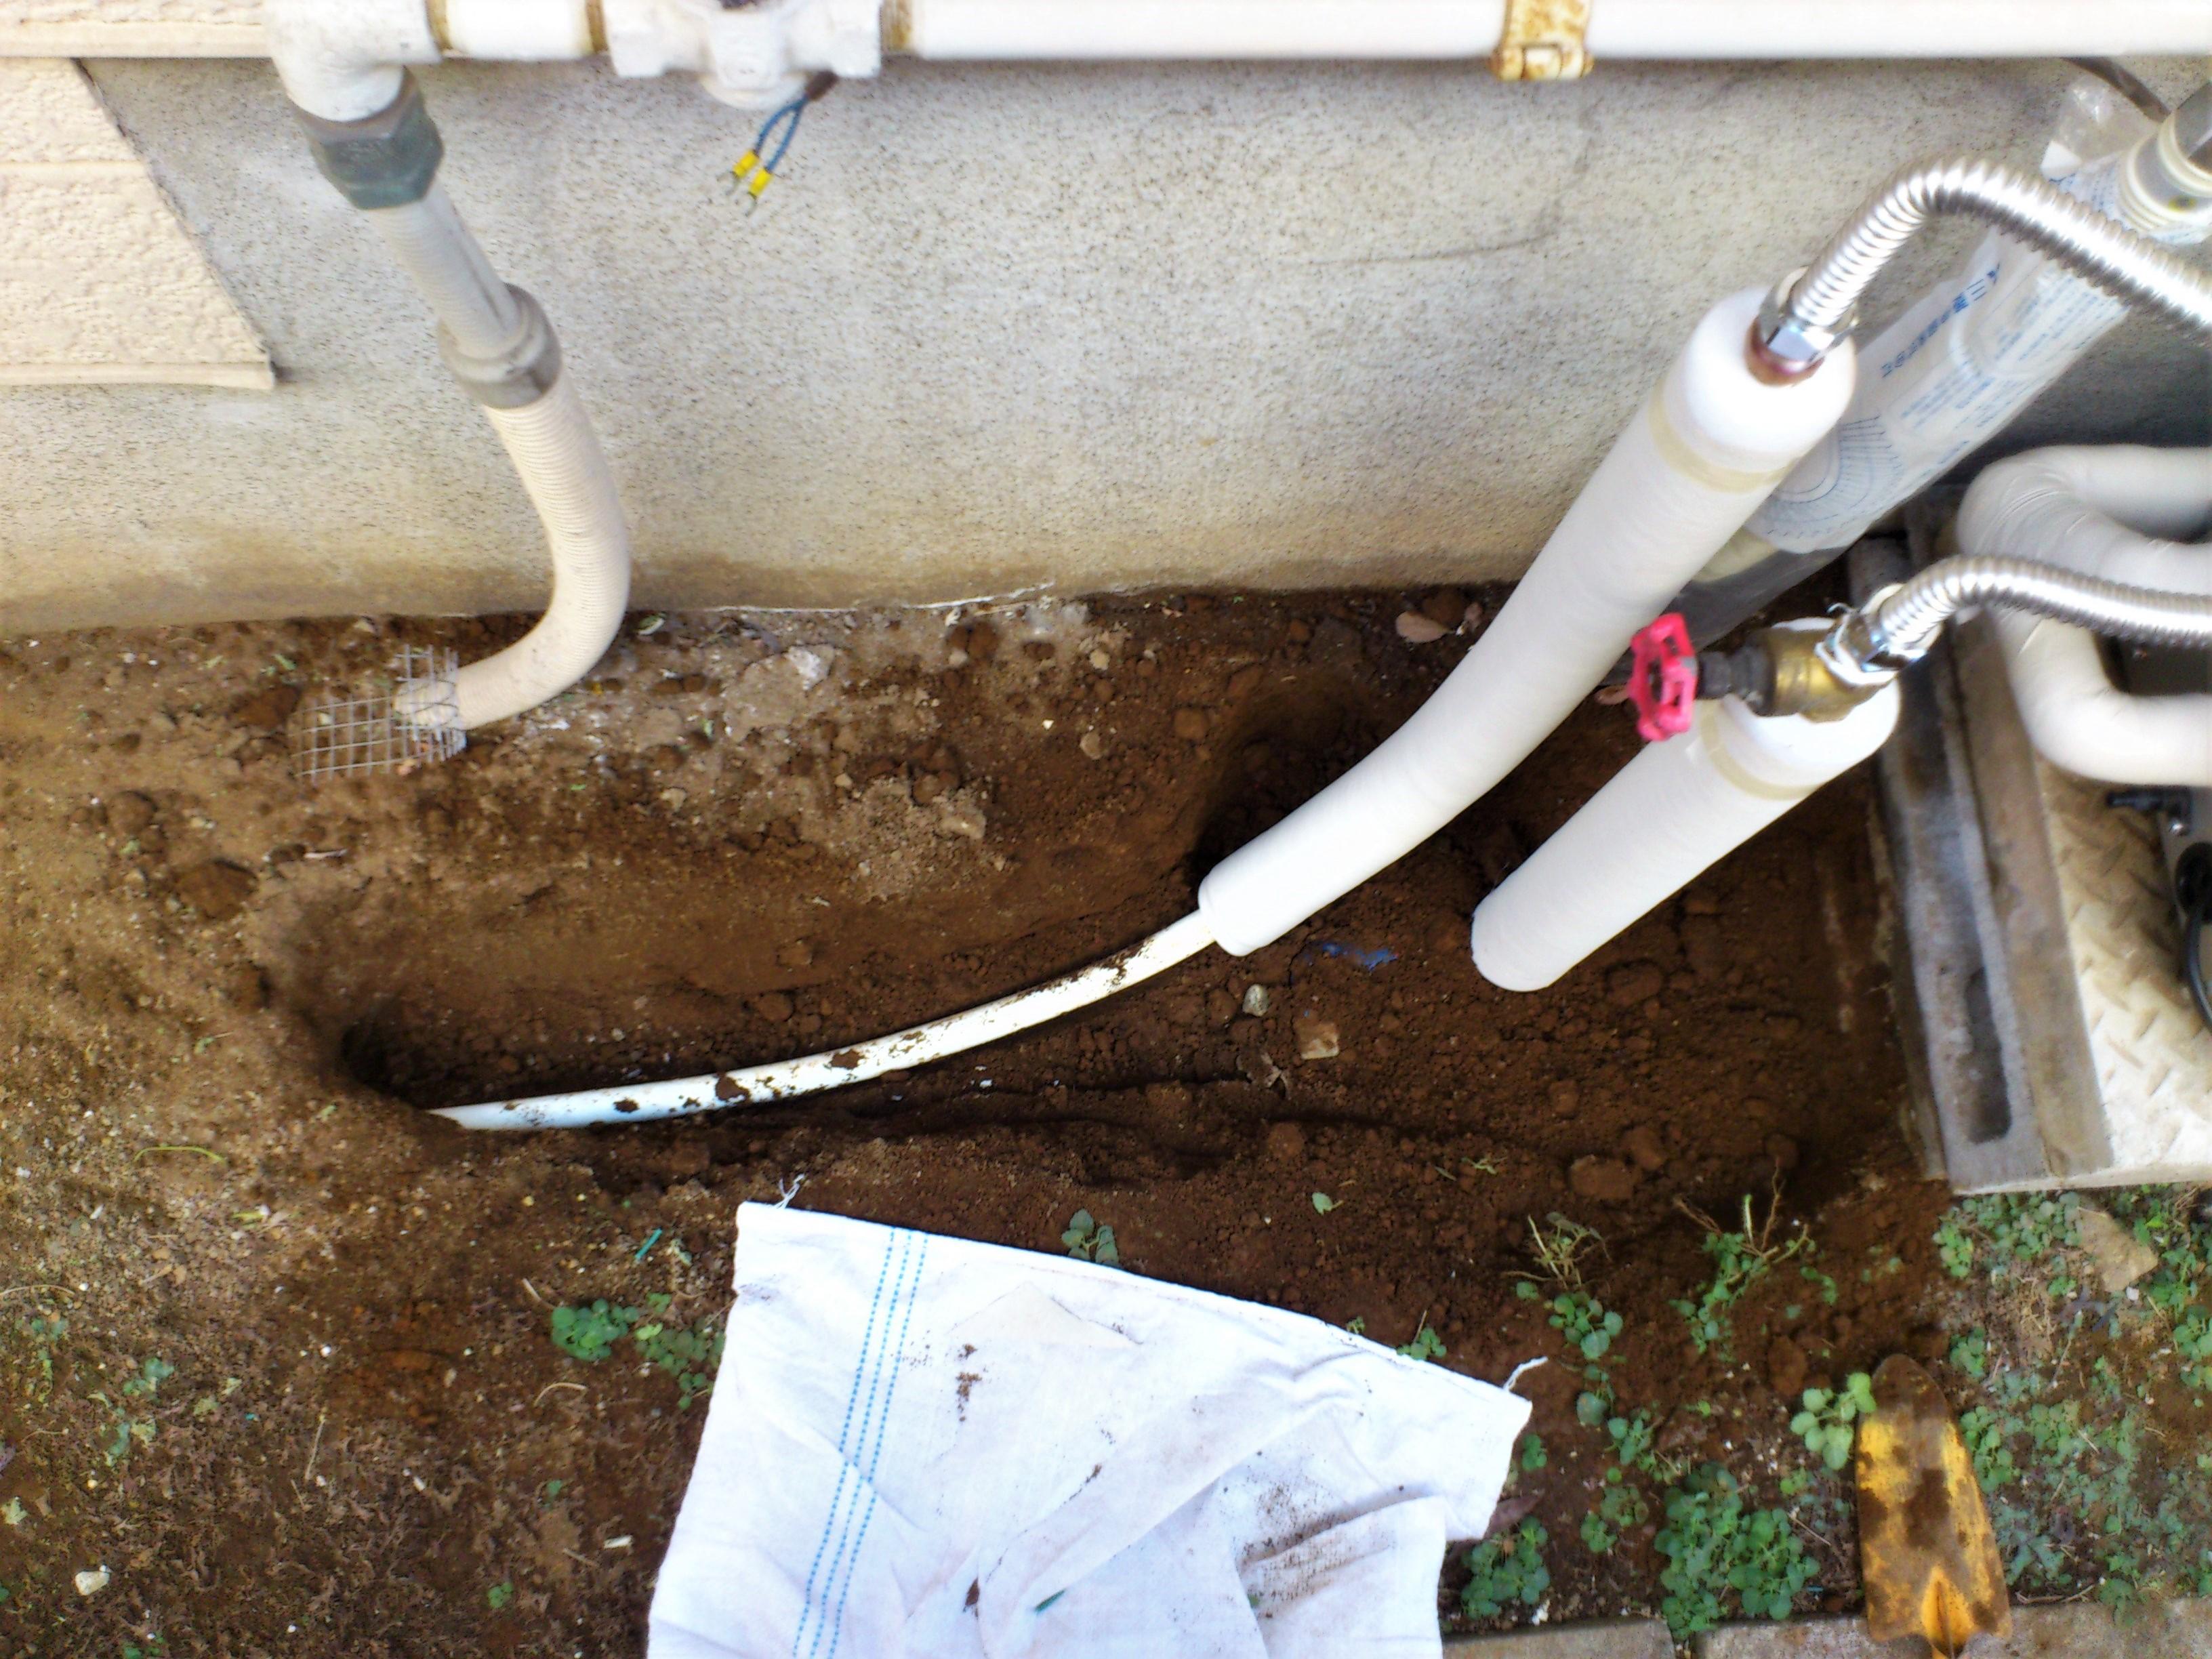 【給水・給湯配管工事】肉厚の保温材で隙間なく保温し、シワ・浮きがないようテープを巻いていきます。